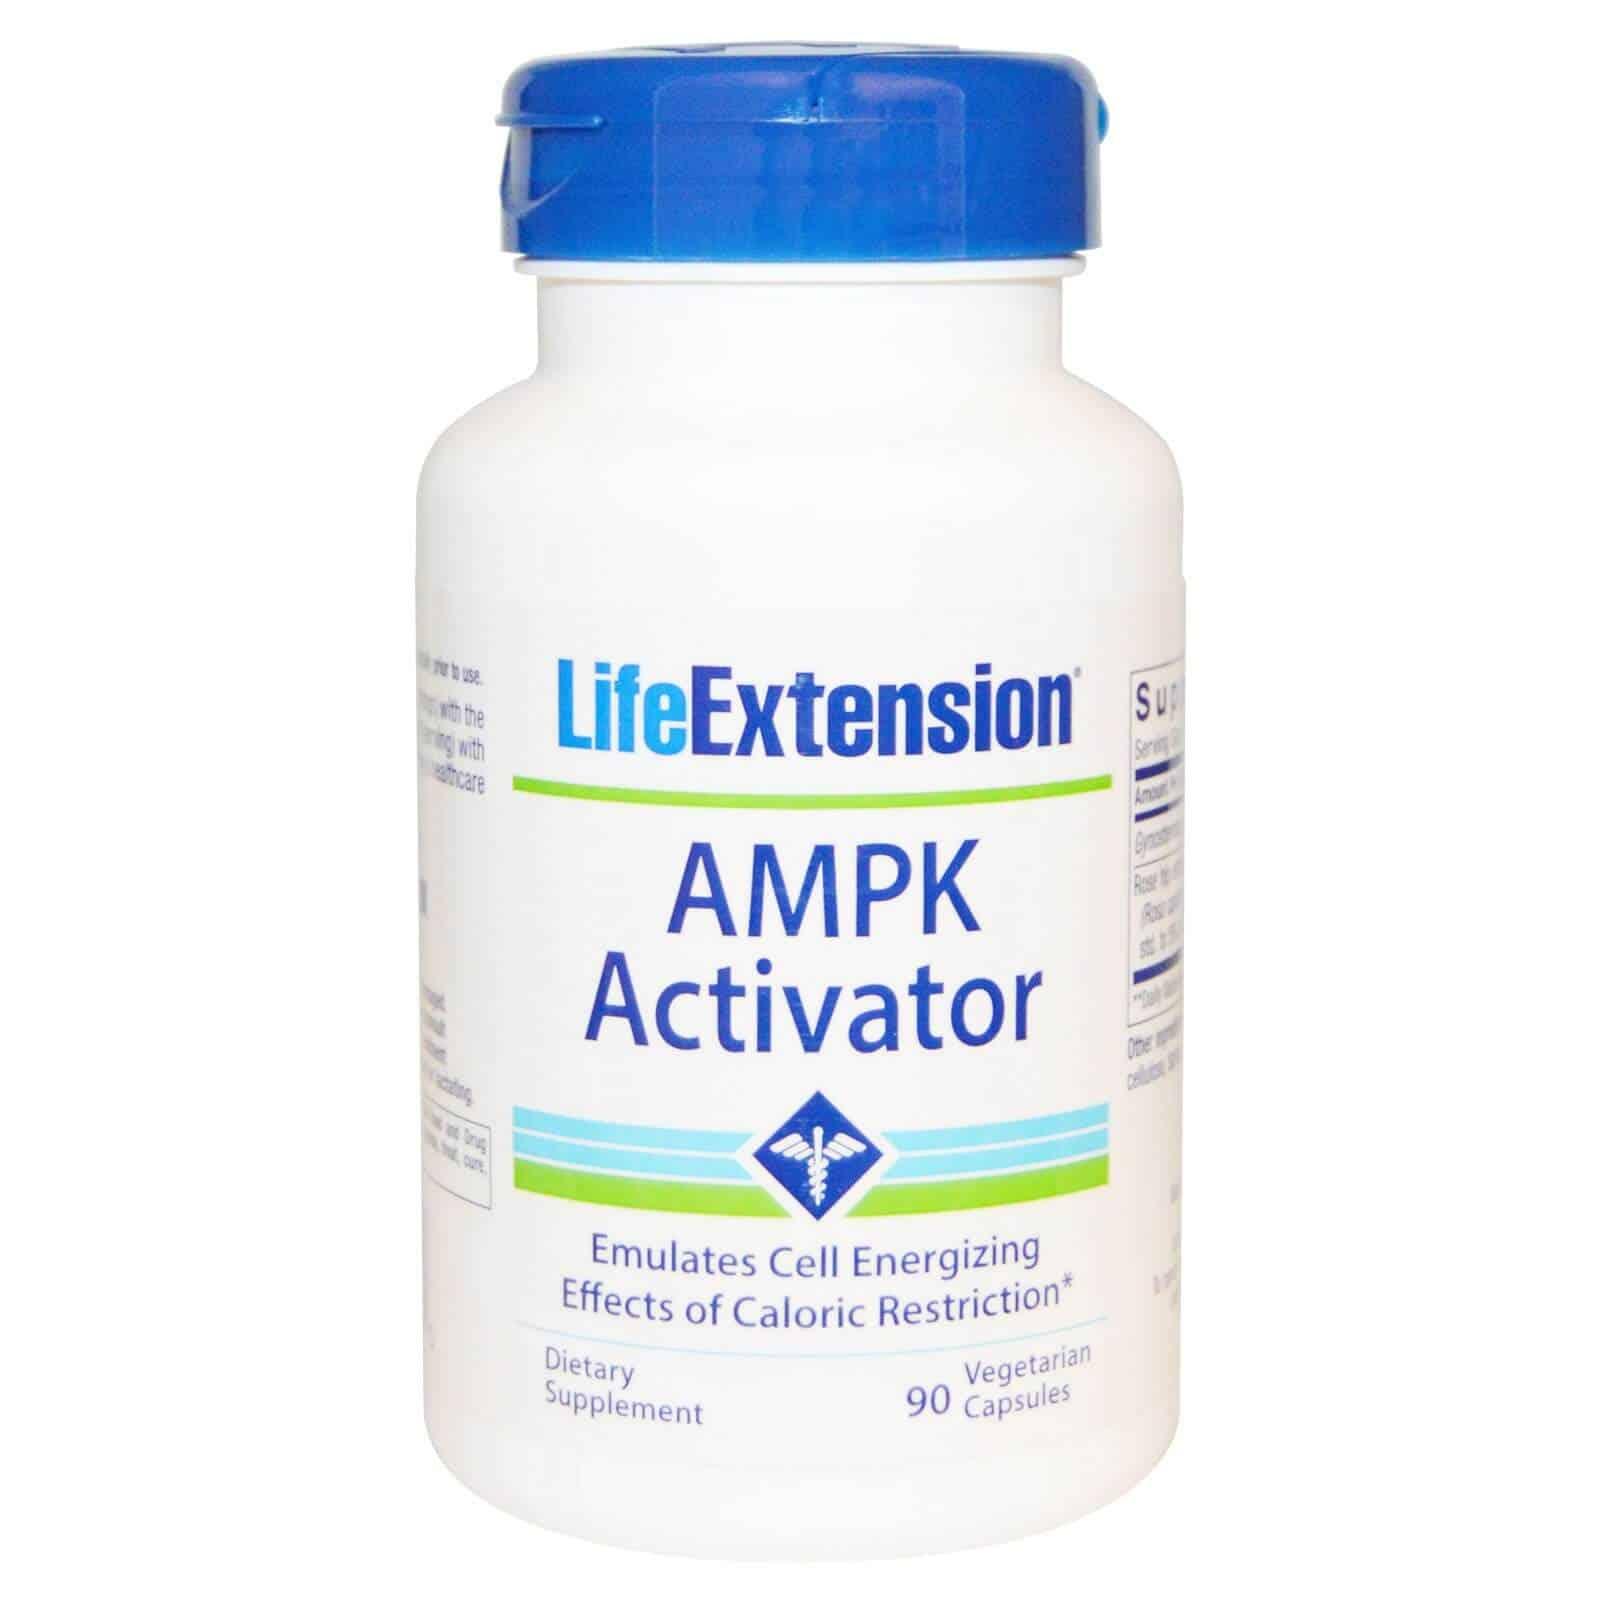 Ampk activators